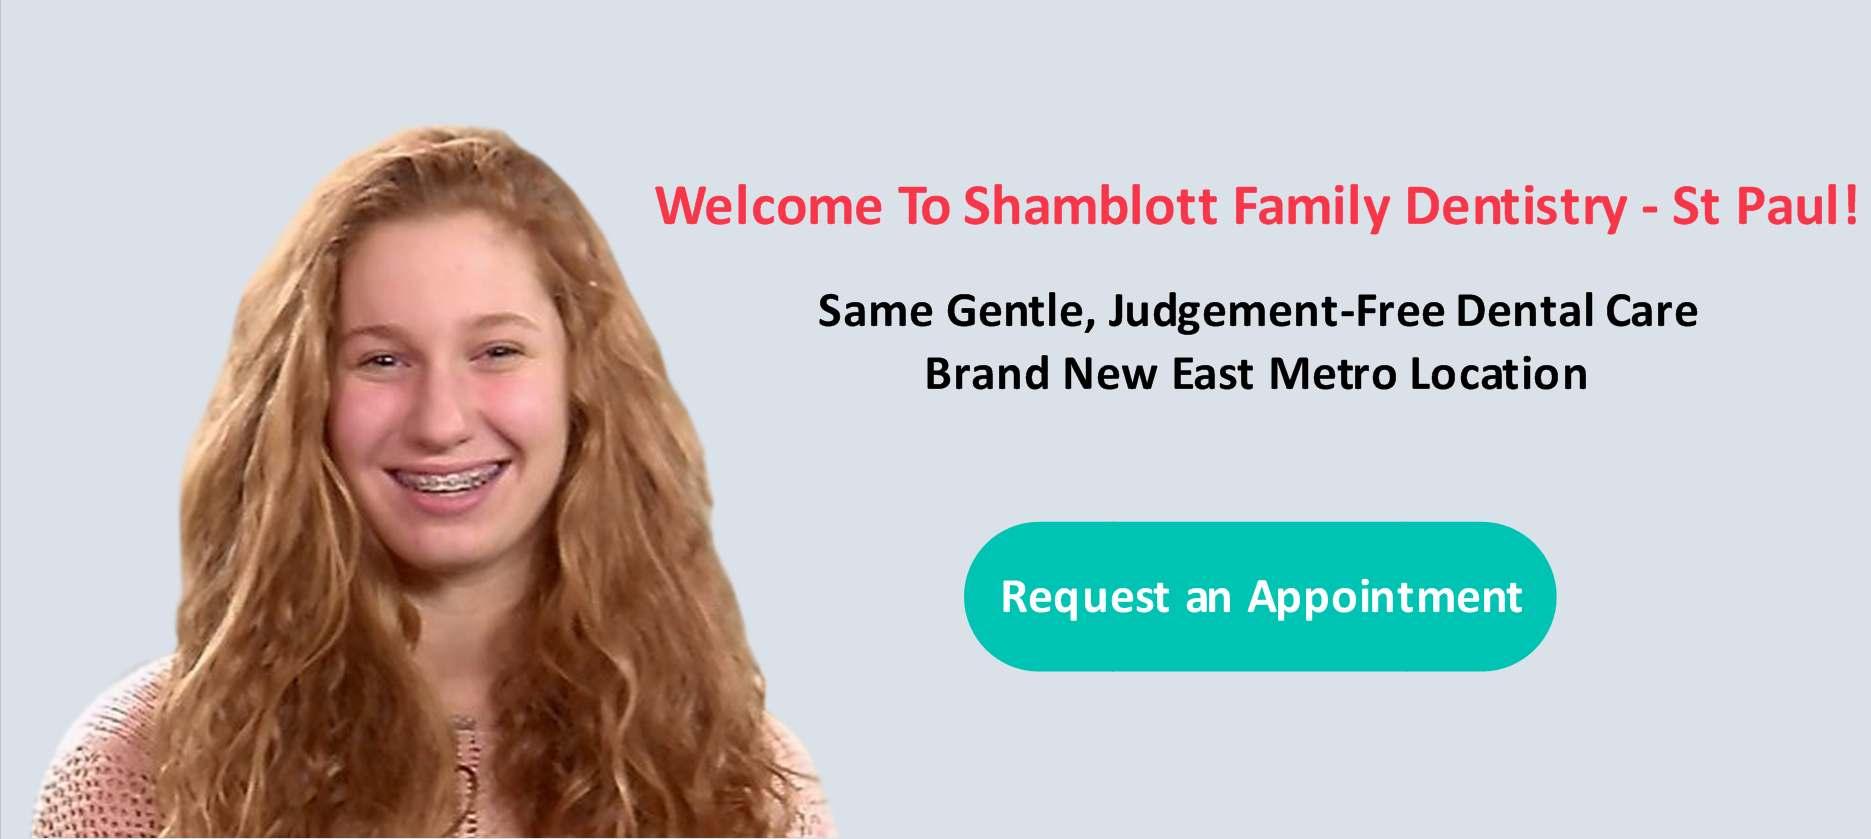 Rachel Banner - Shamblott Family Dentistry - St. Paul